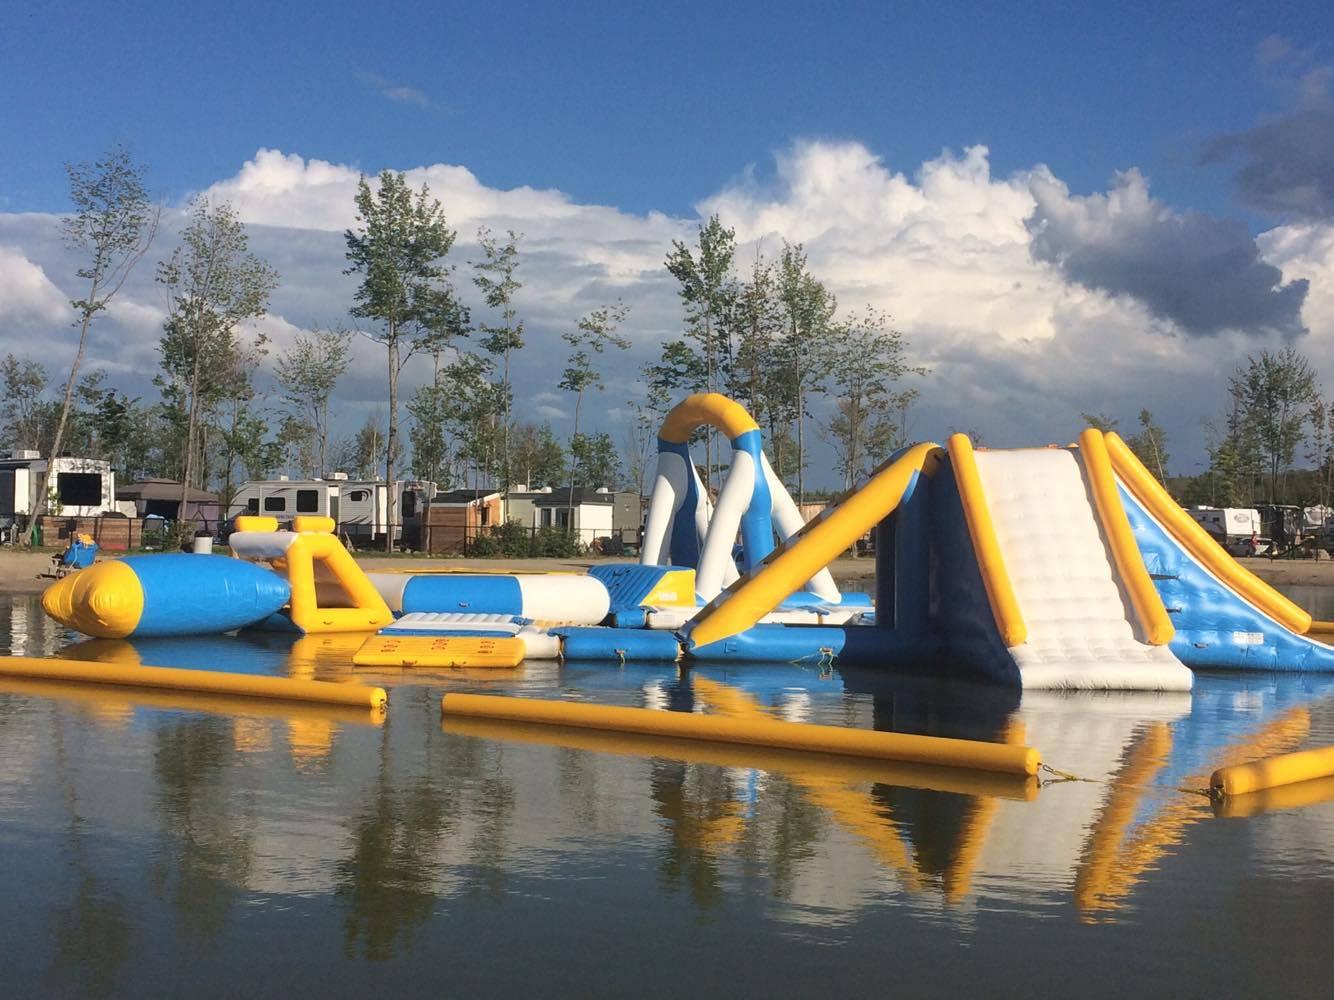 http://www.parc-aquatique.com/wp-content/uploads/2017/07/parcours-gonflable-lac-complexe-atlantide-3.jpg